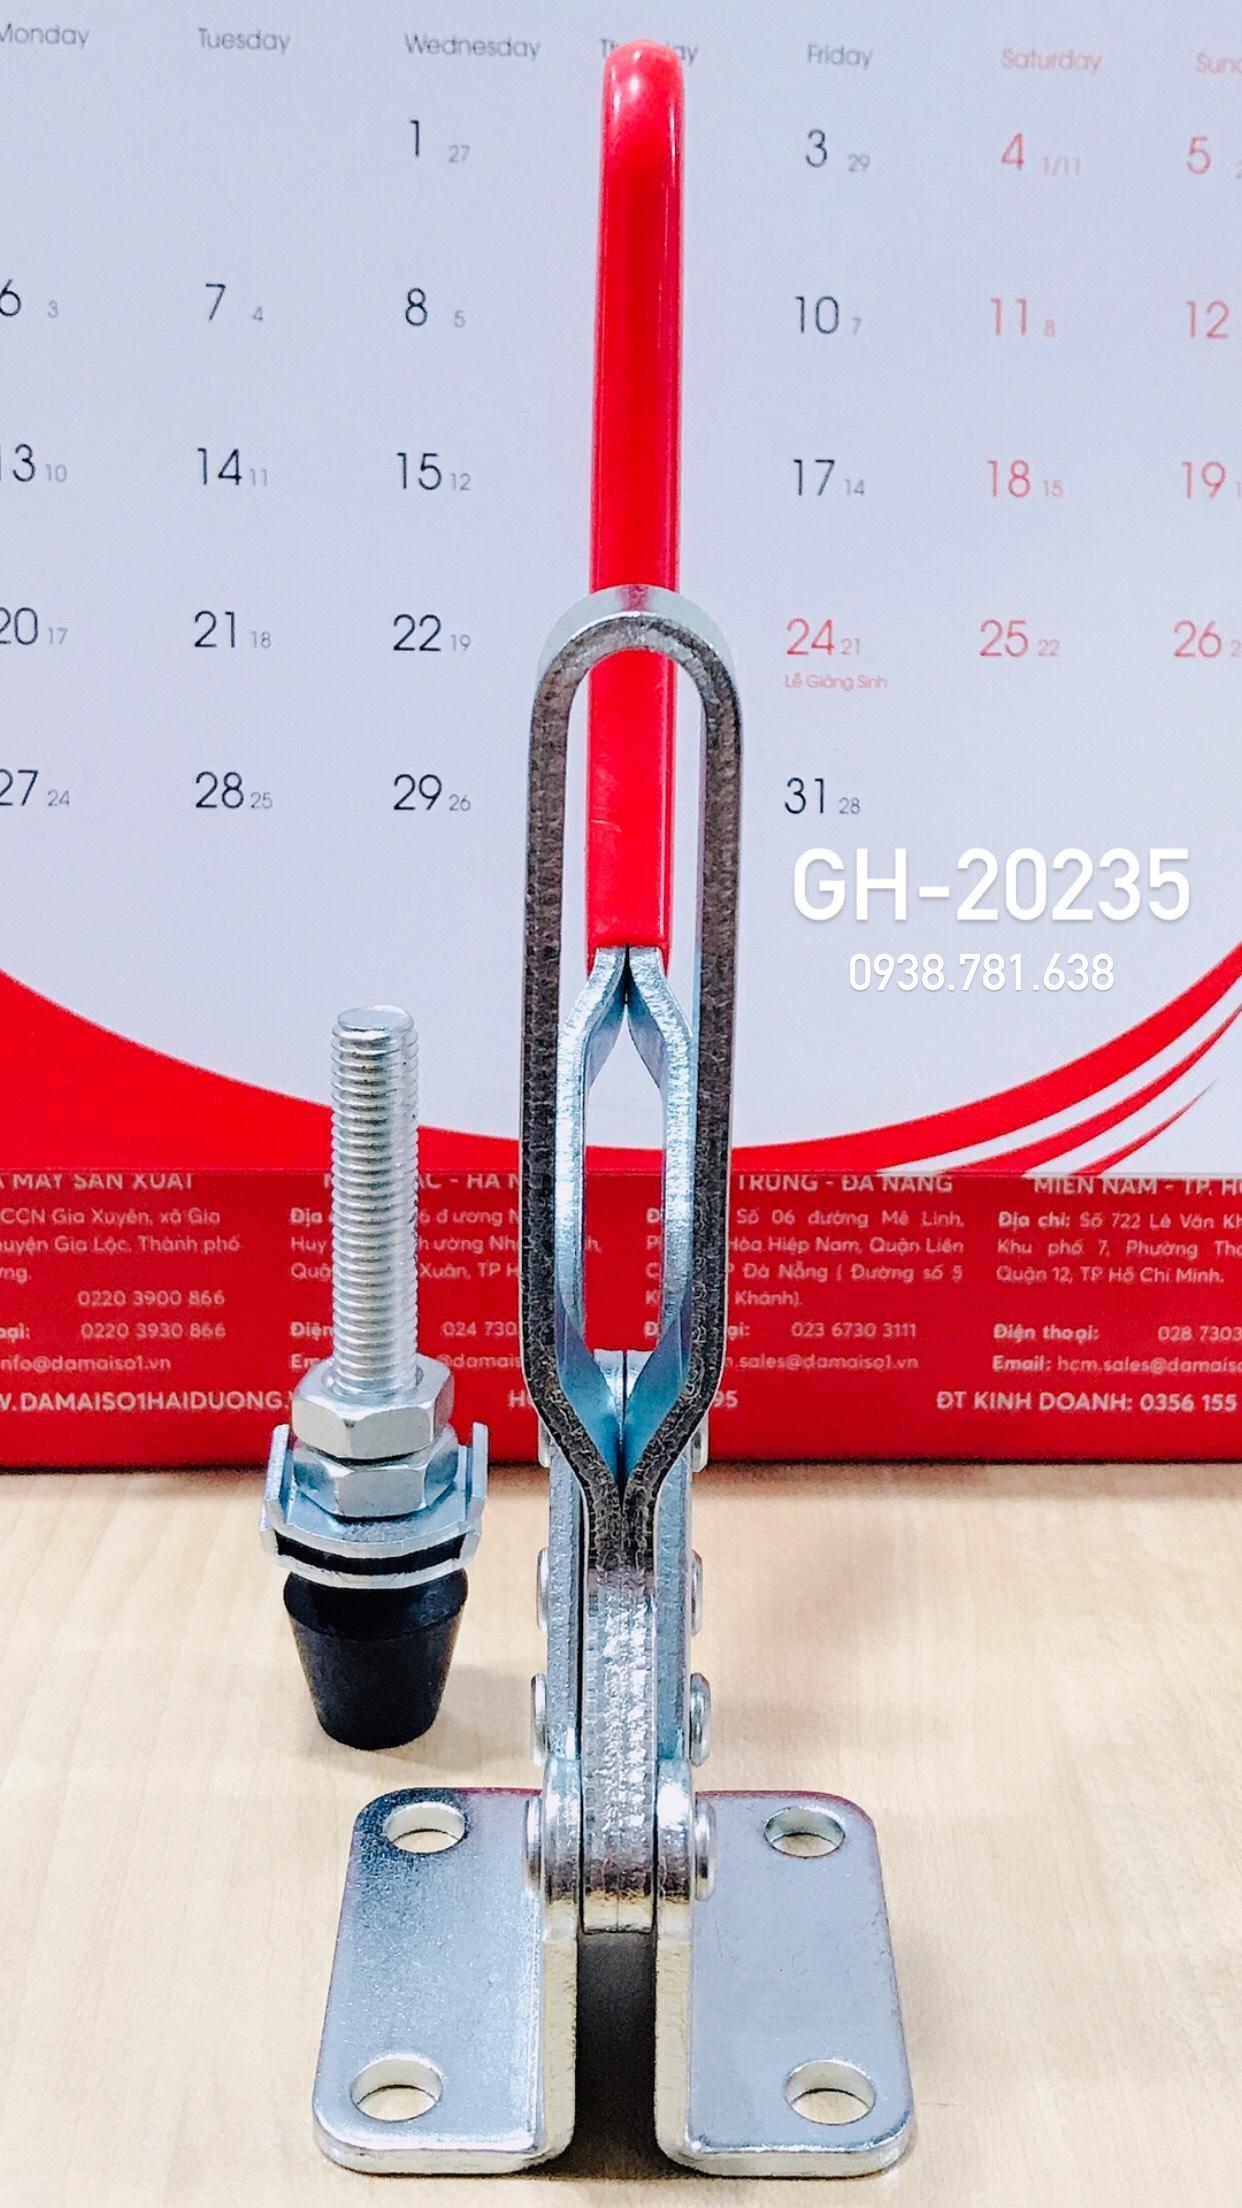 Kẹp định vị GH - 20235